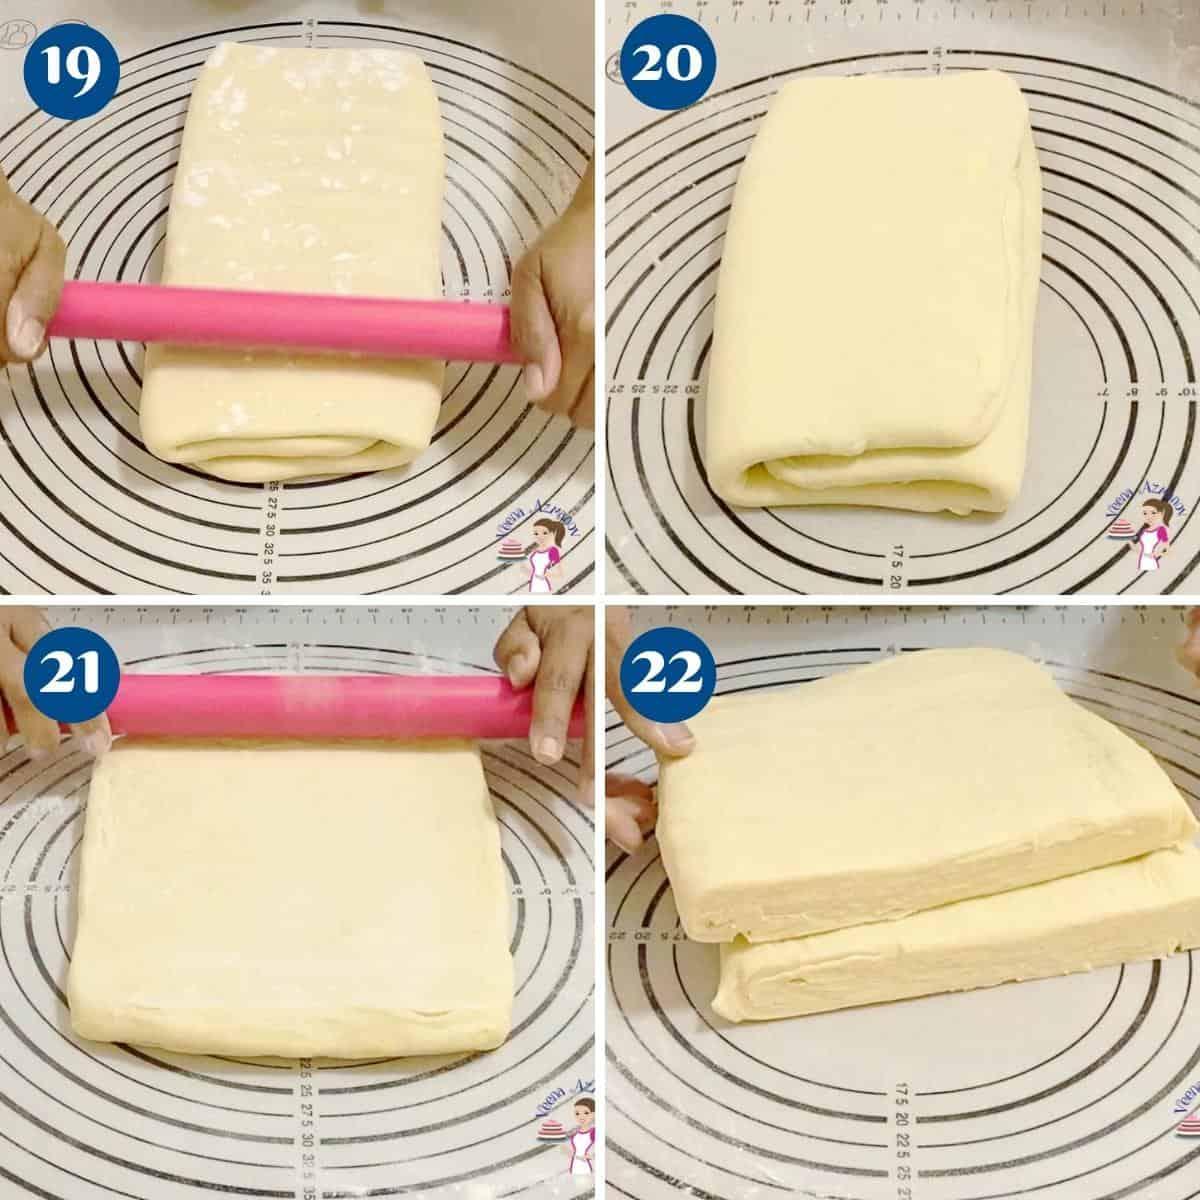 Progress pictures collage folding the croissants dough.